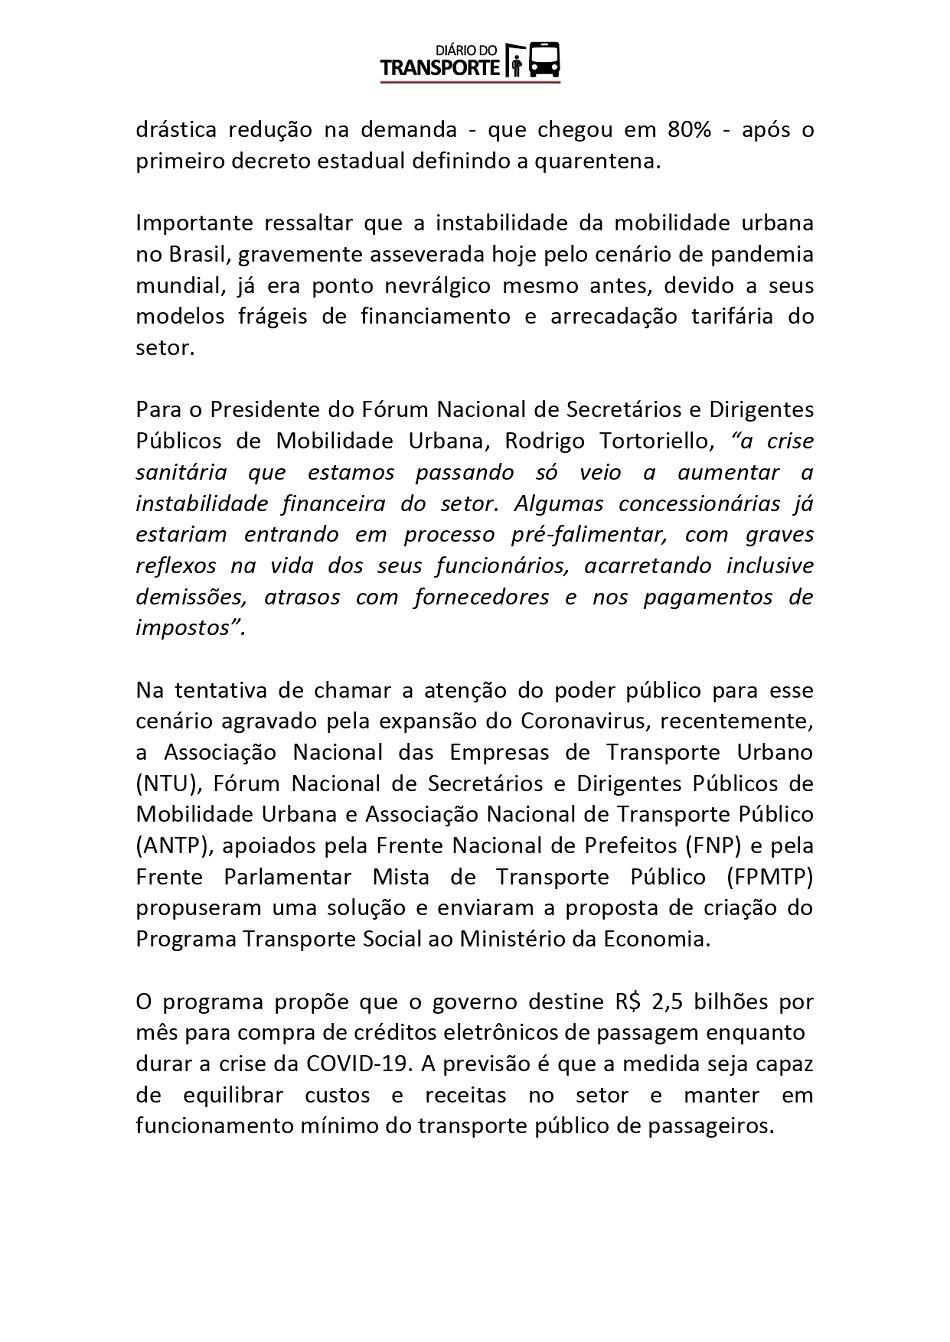 reboque da pandemia_Transporte Público em Alerta_page-0002